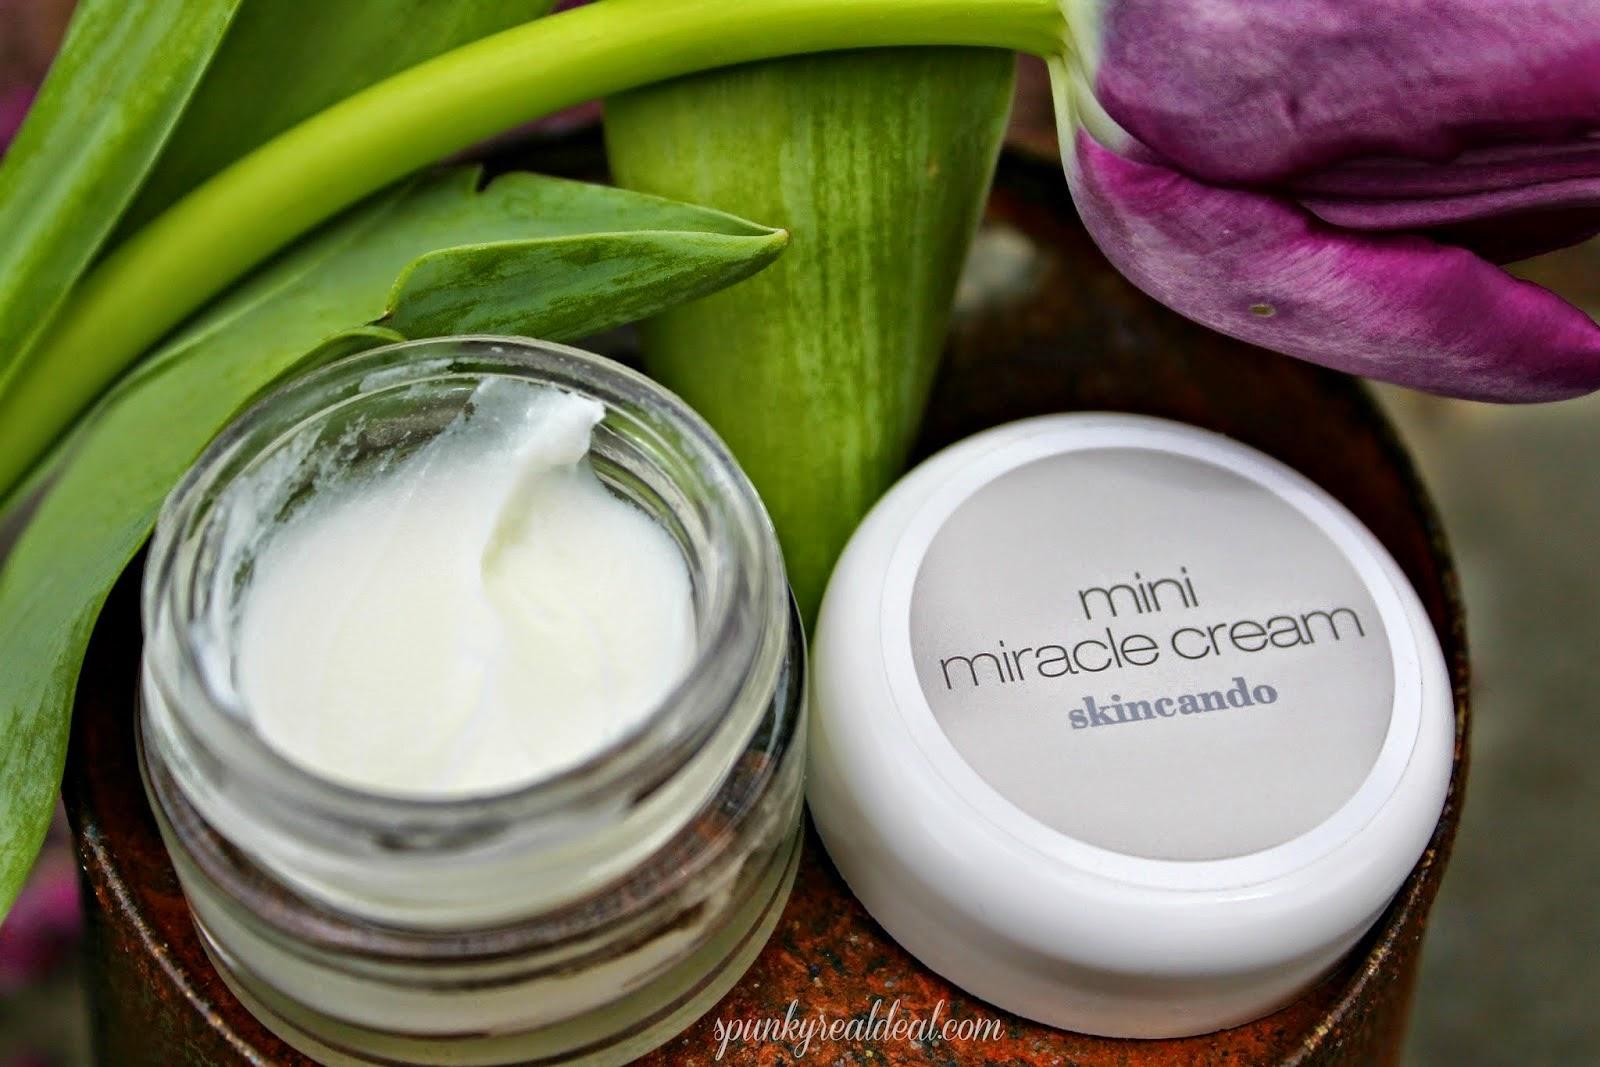 Skincando Miracle Cream